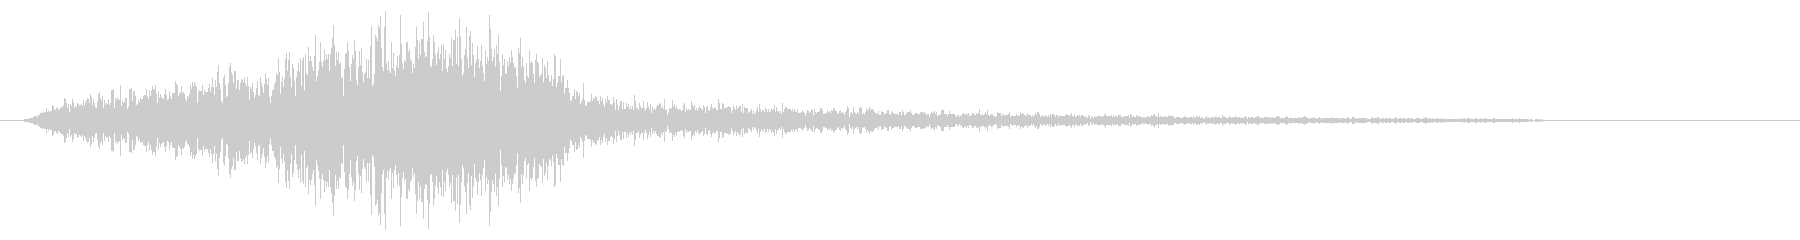 シューッというエアー音の未再生の波形